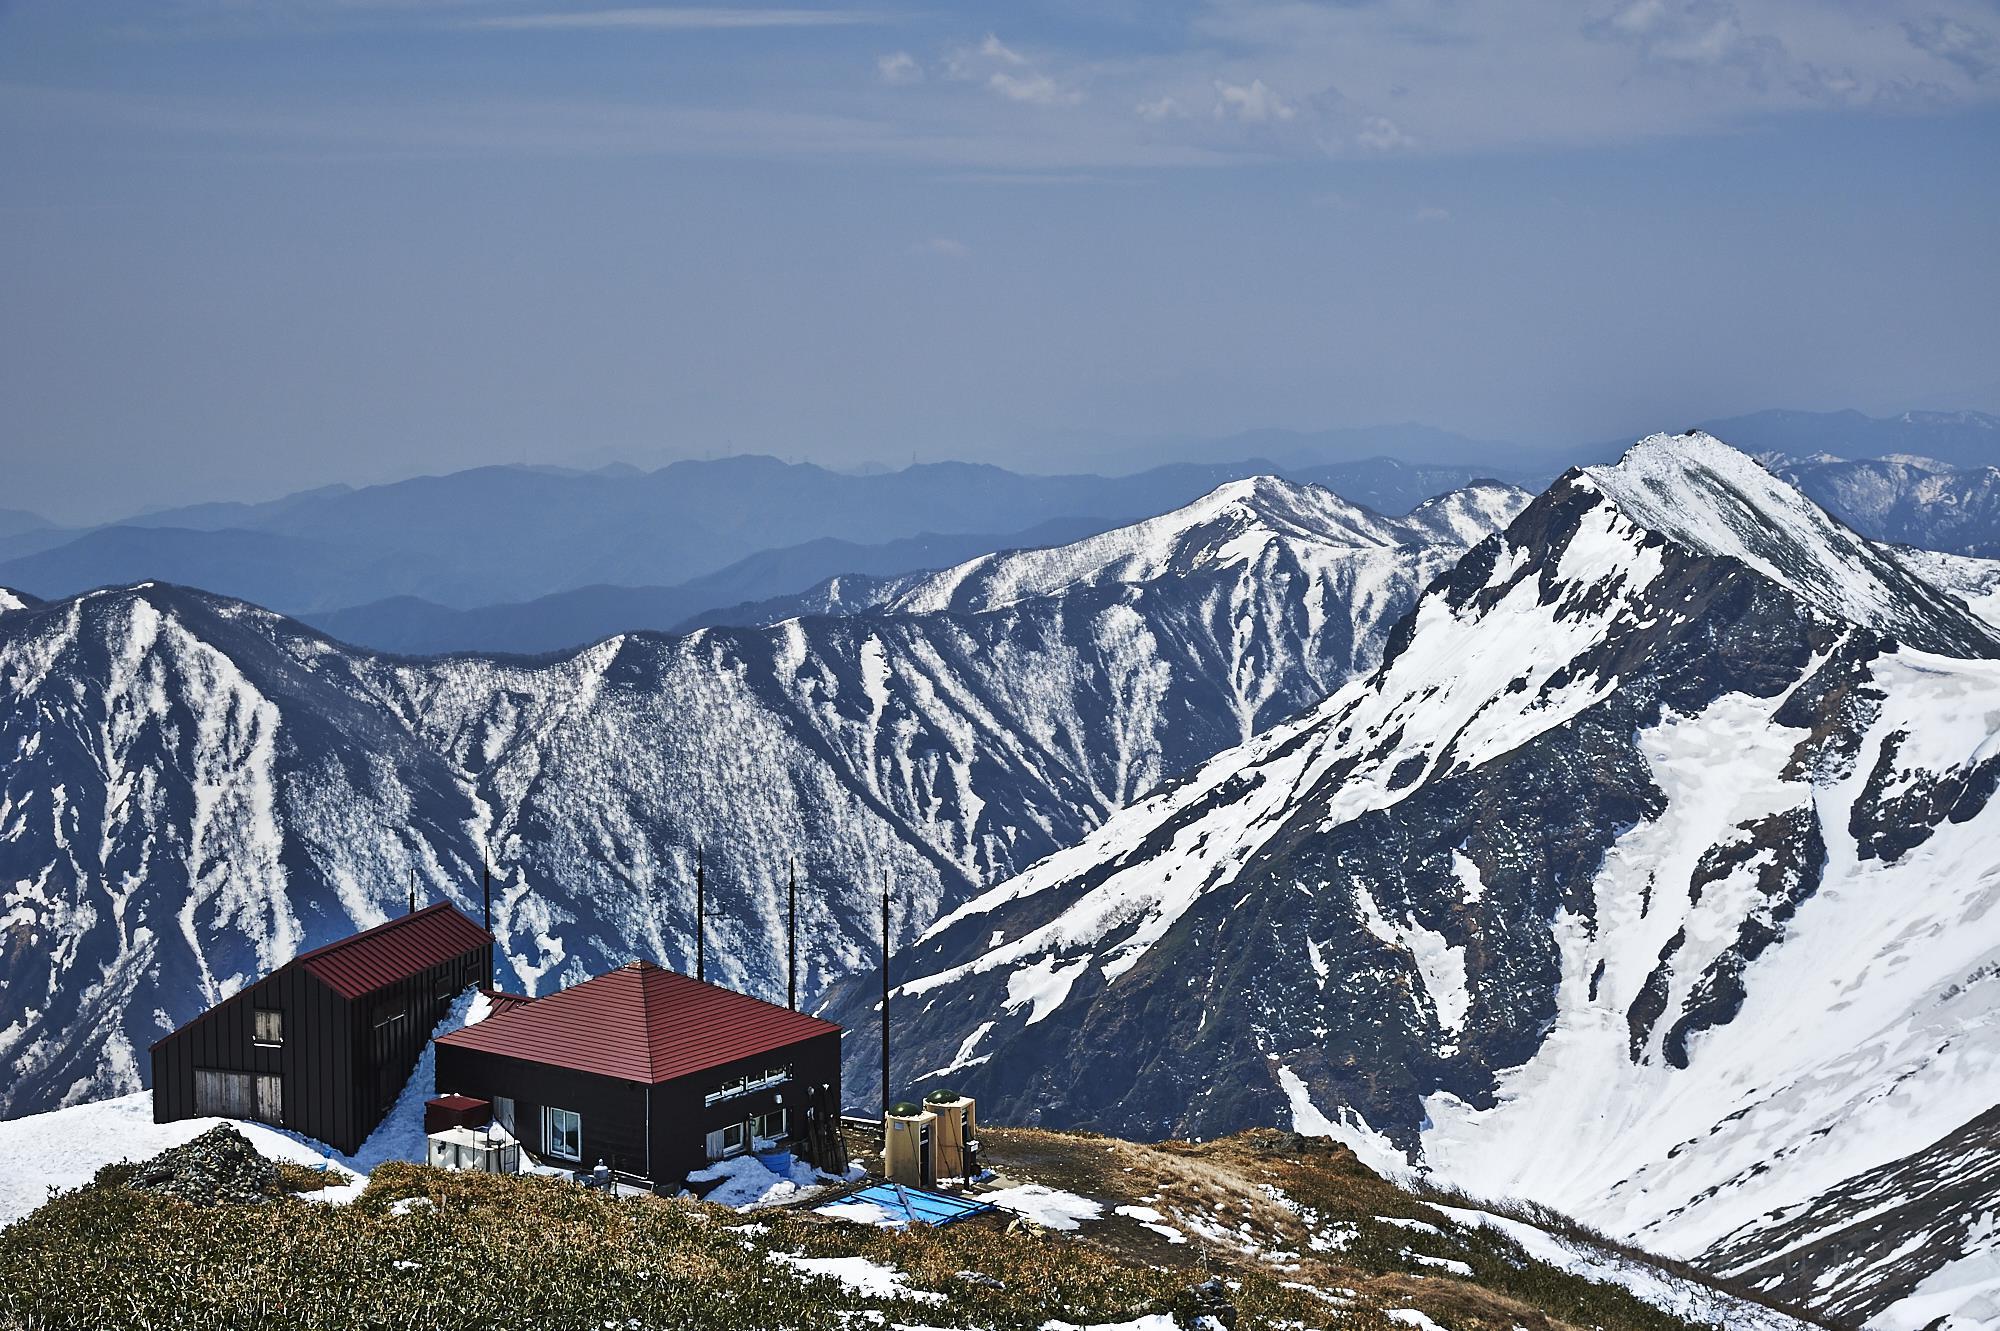 谷川岳の肩の小屋と残雪の万太郎山